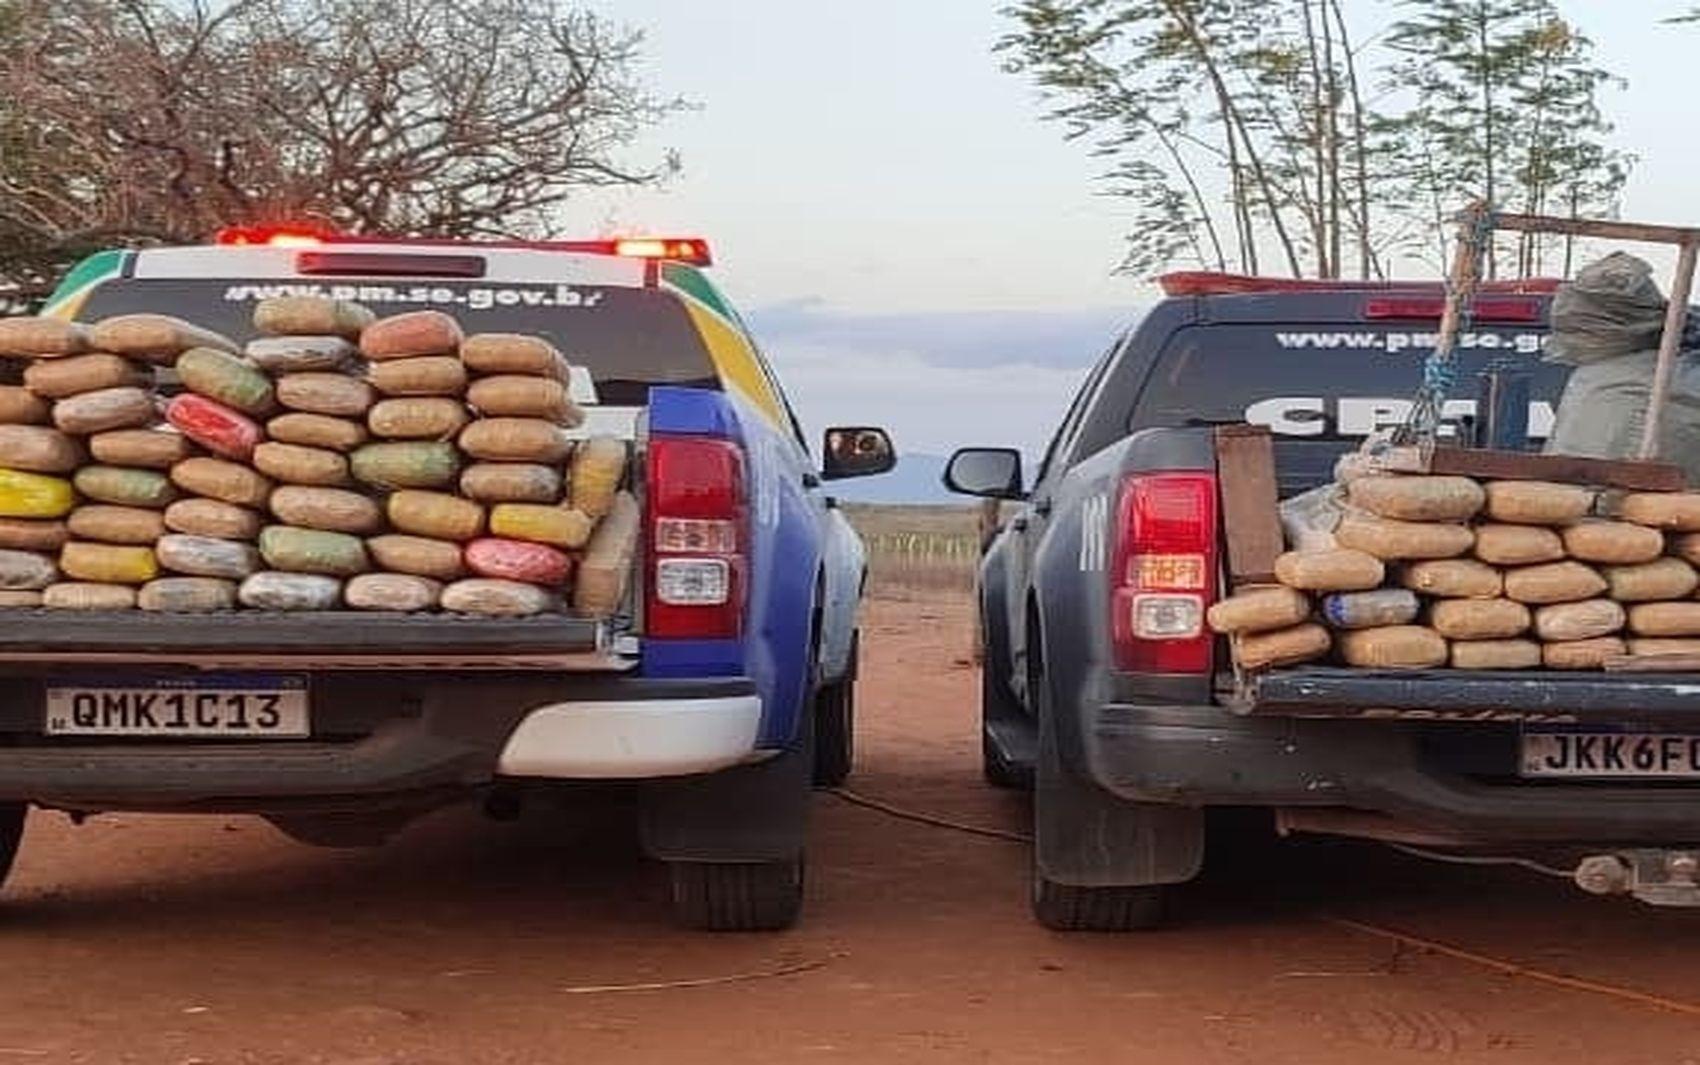 Polícia apreende mais de 142 quilos de maconha no Alto Sertão de Sergipe